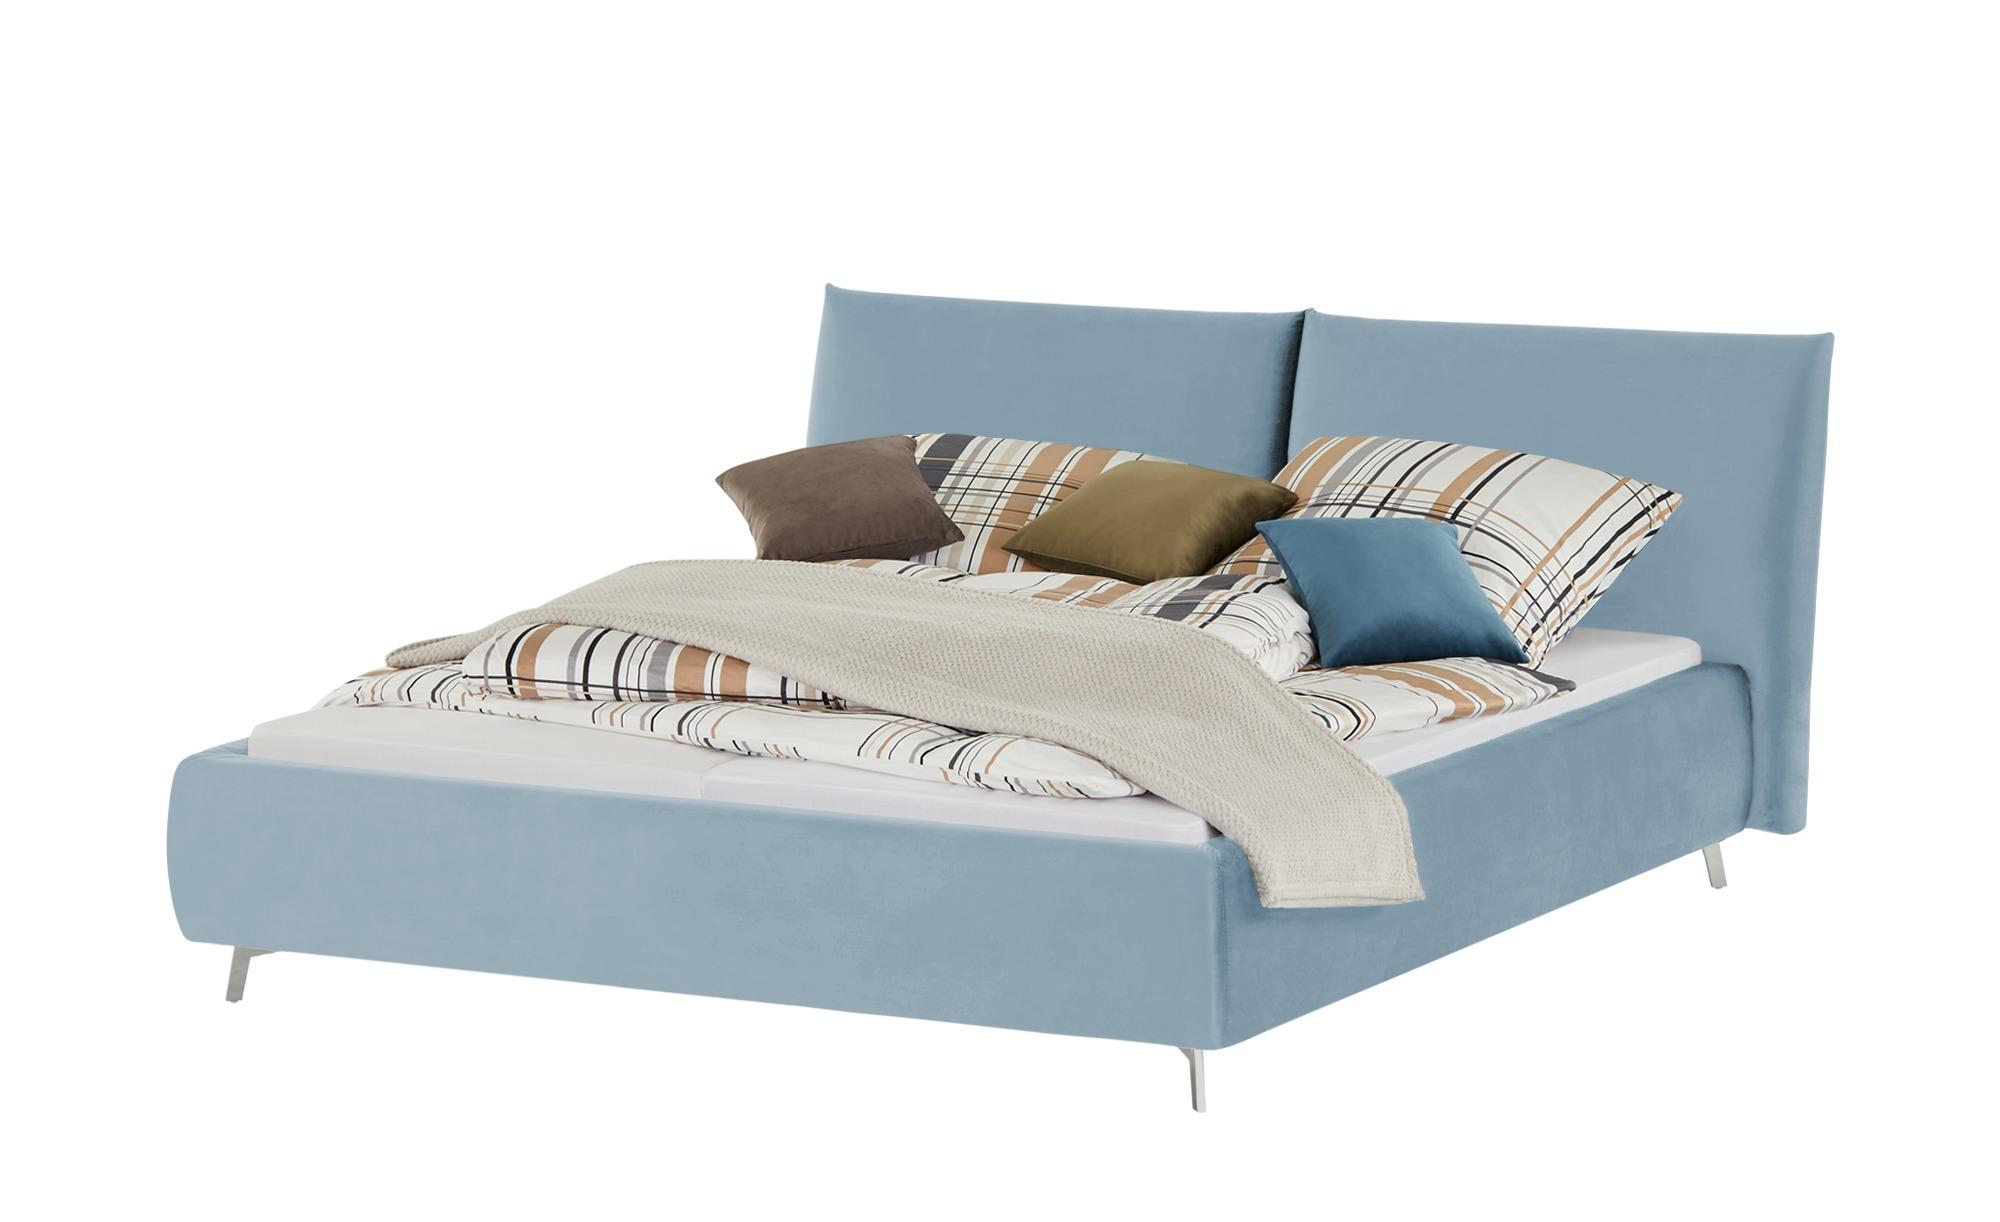 pop Polsterbettgestell  Homelike ¦ blau ¦ Maße (cm): B: 192 H: 105 Betten > Polsterbetten - Höffner